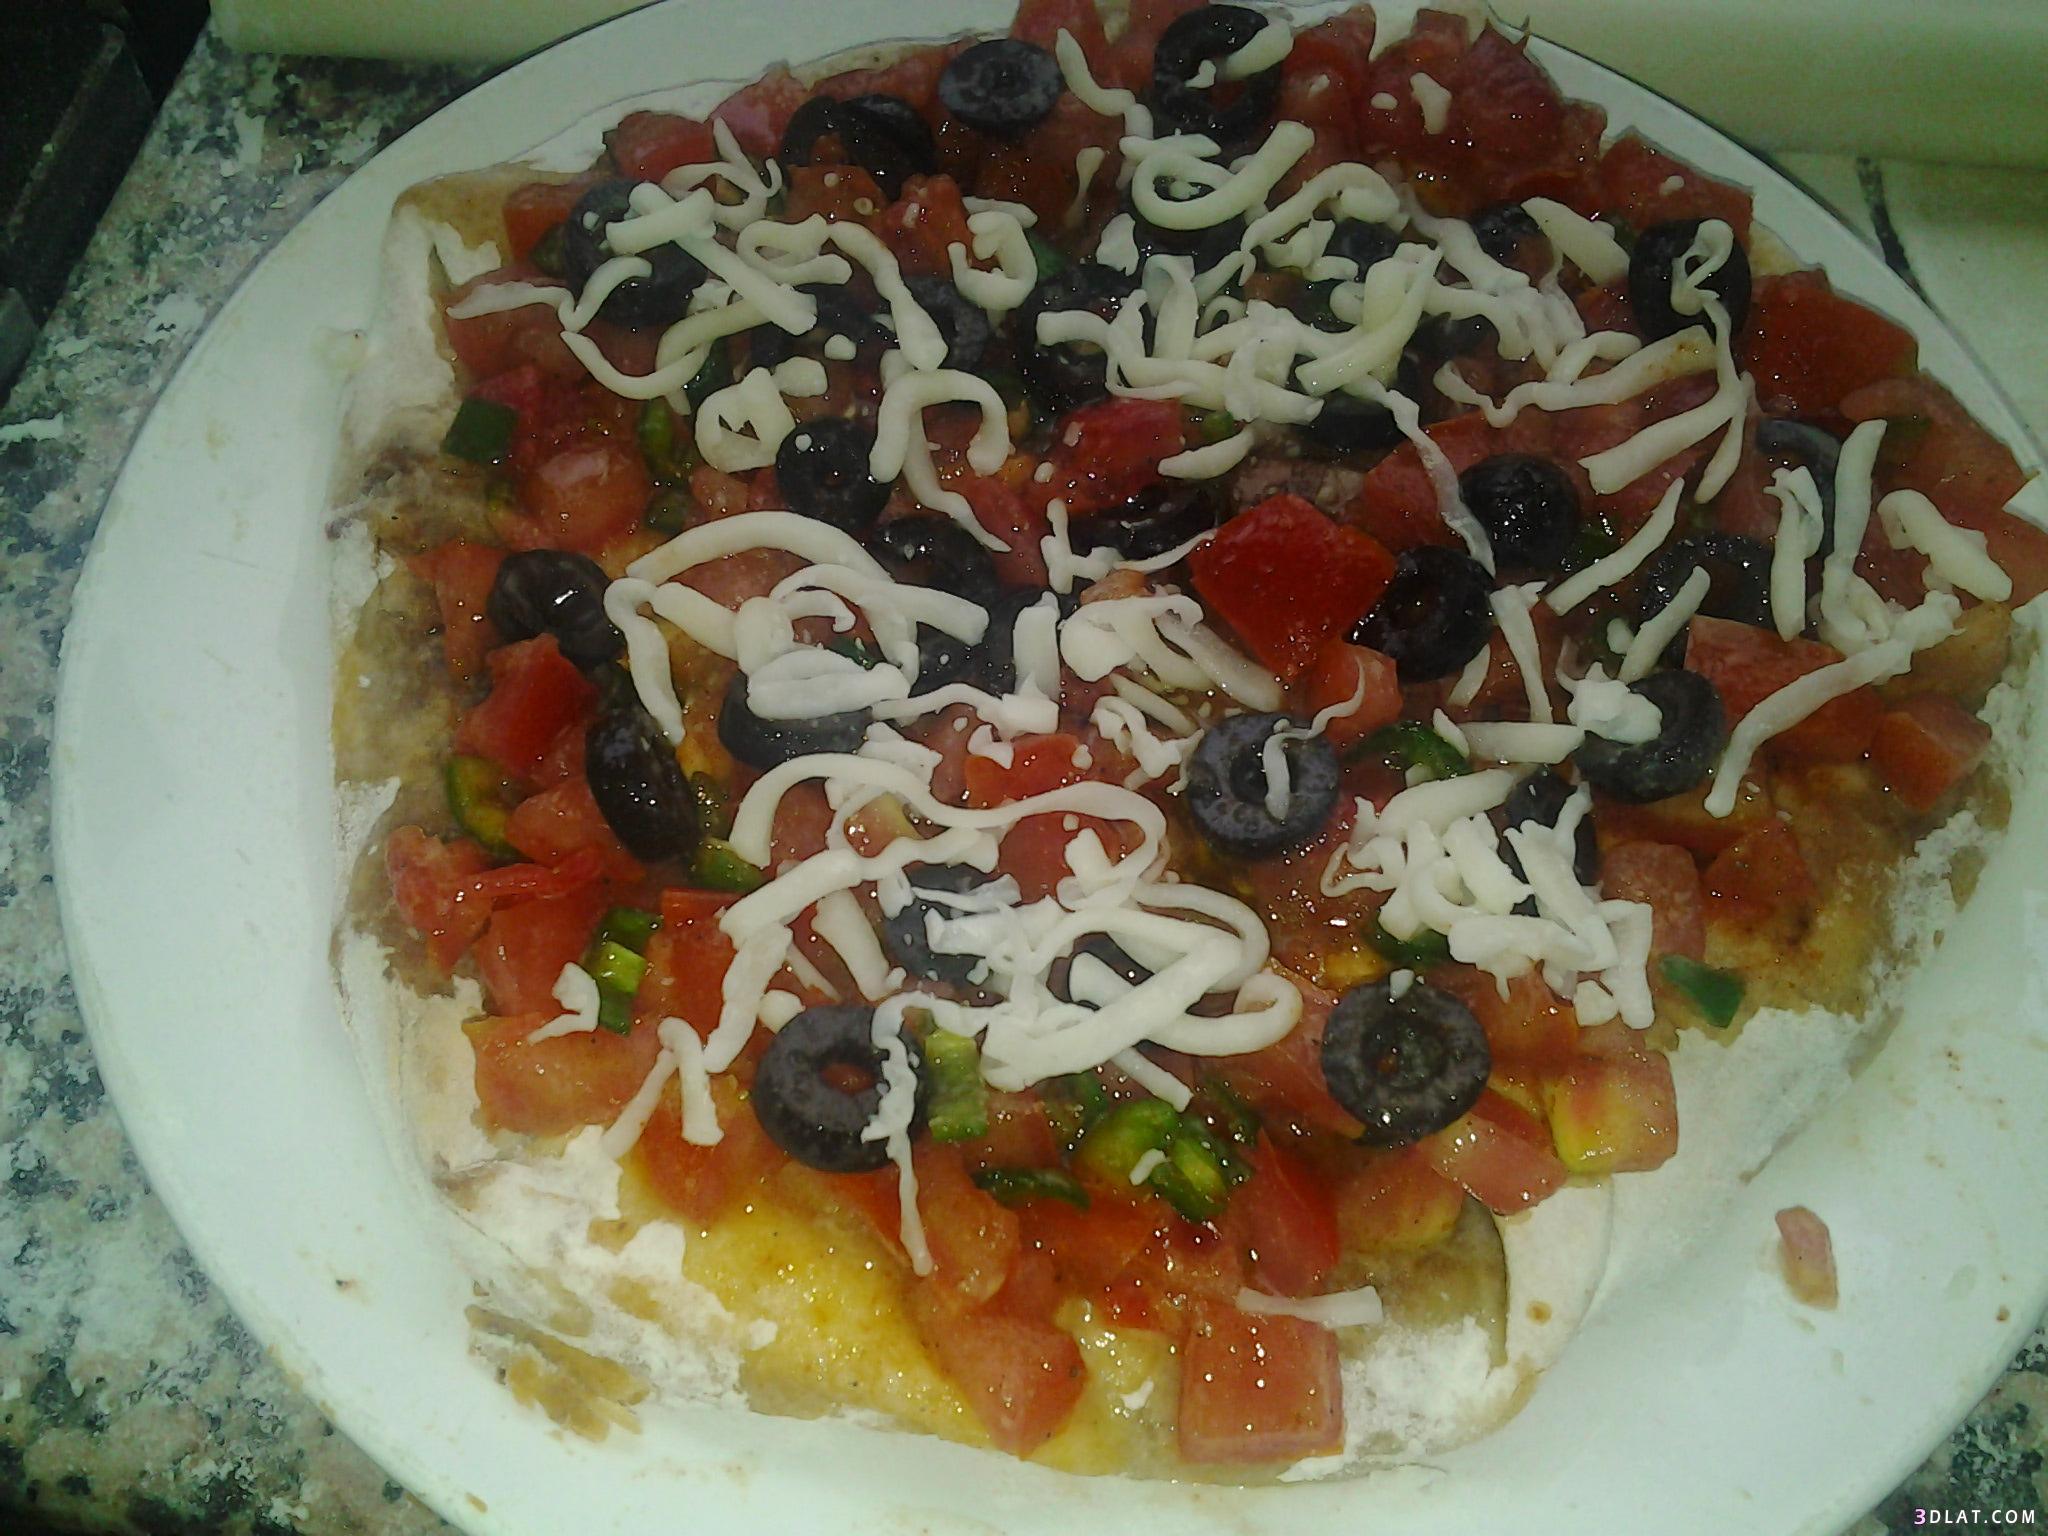 مطبخي] بيتزا سهلة بالصور مطبخى